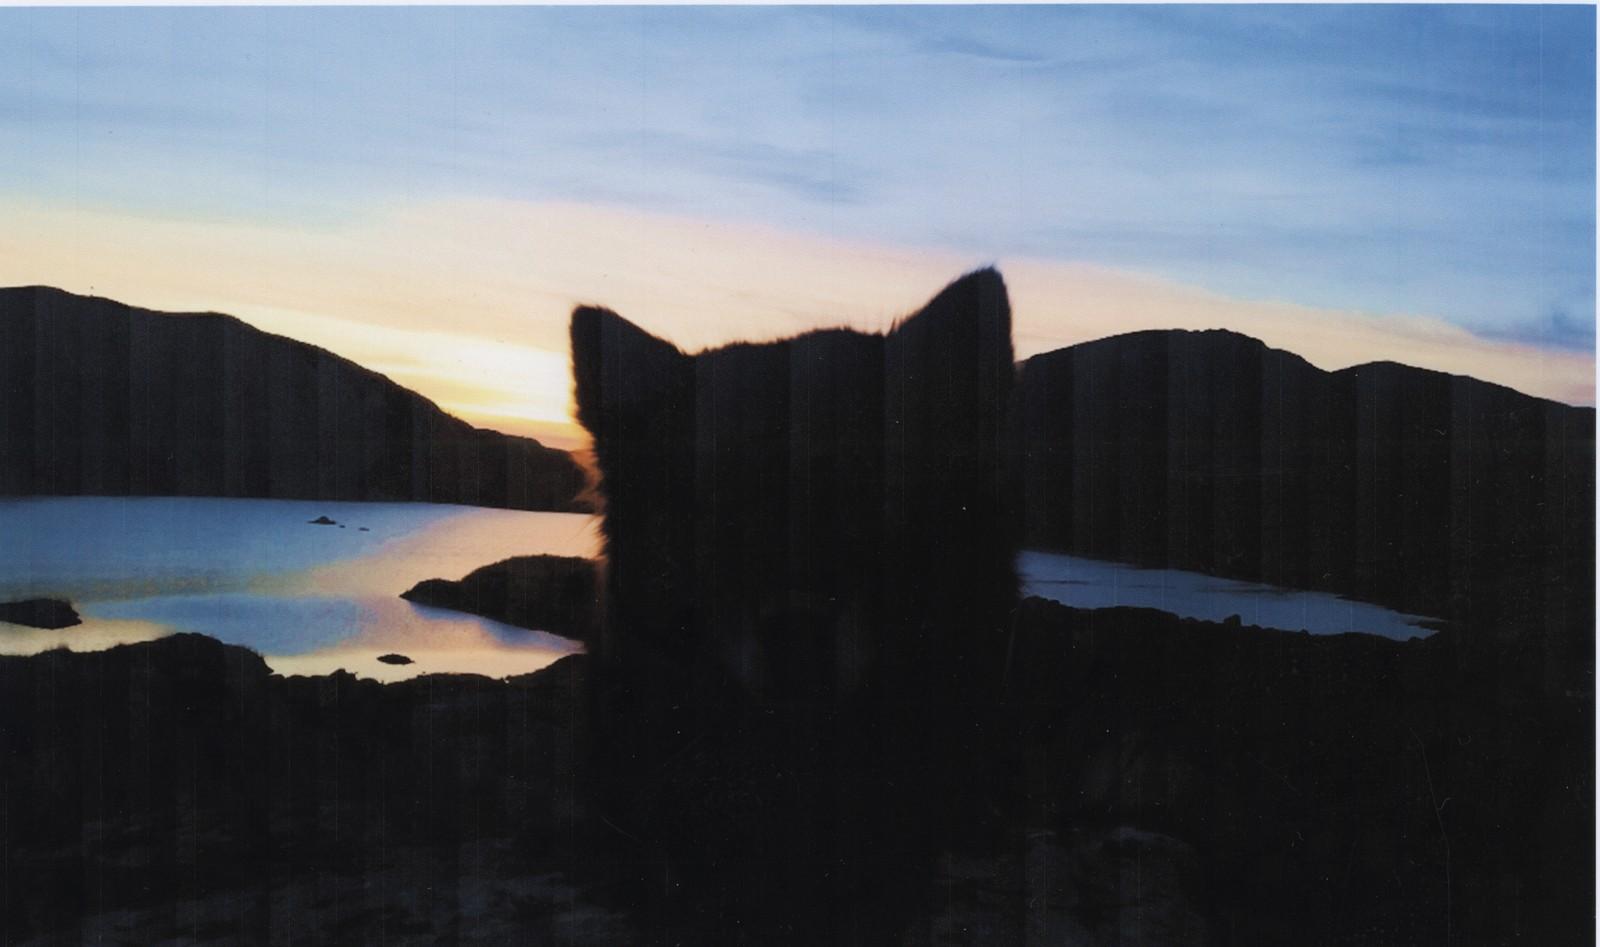 Solnedgang bak ørene - Hedda Andrine Skår Indrebø, Høyanger